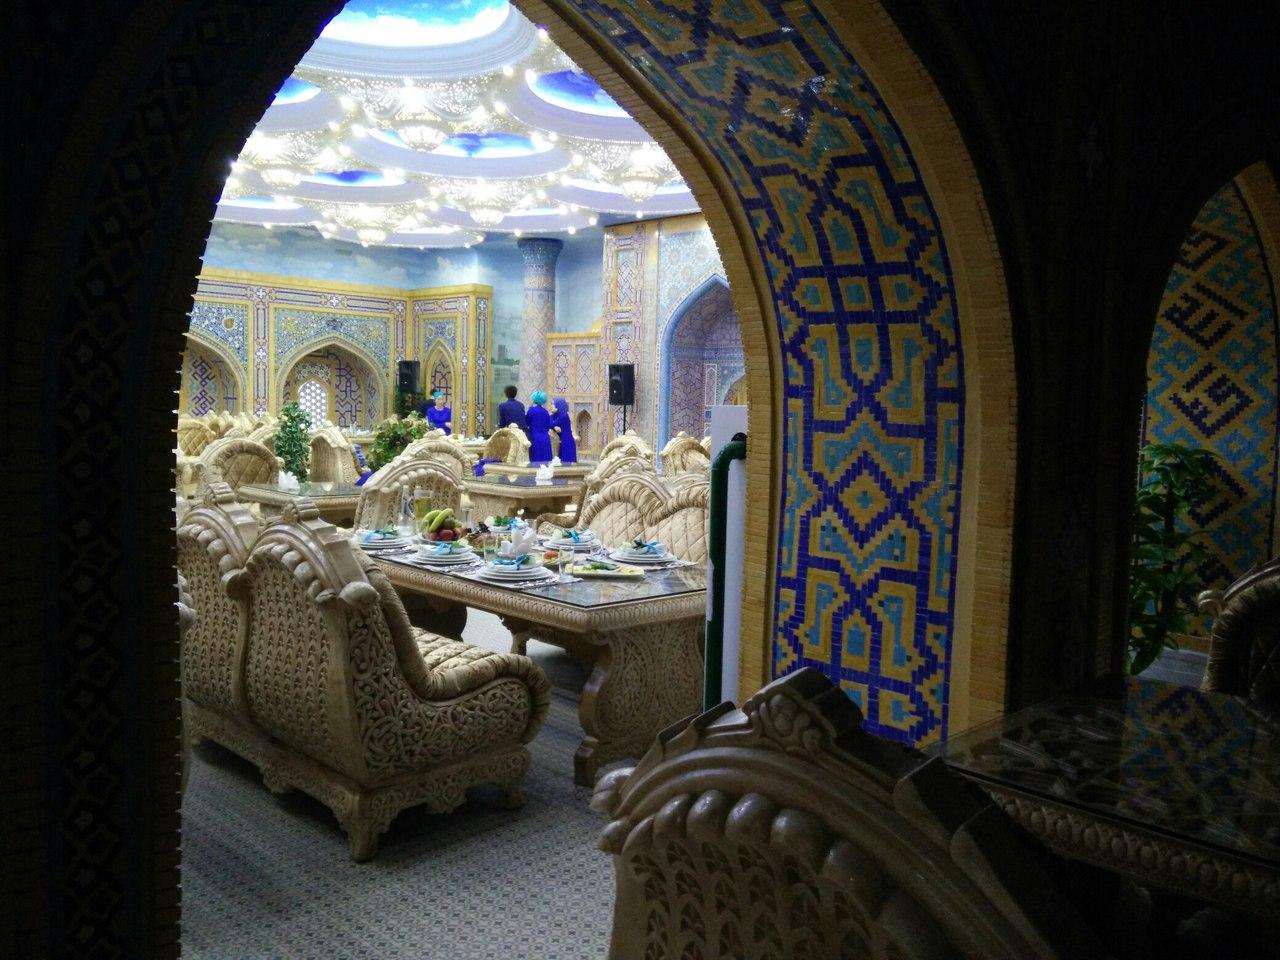 В новом халяль ресторане «Регистан» в Казани будут проводиться кулинарные мастер-классы